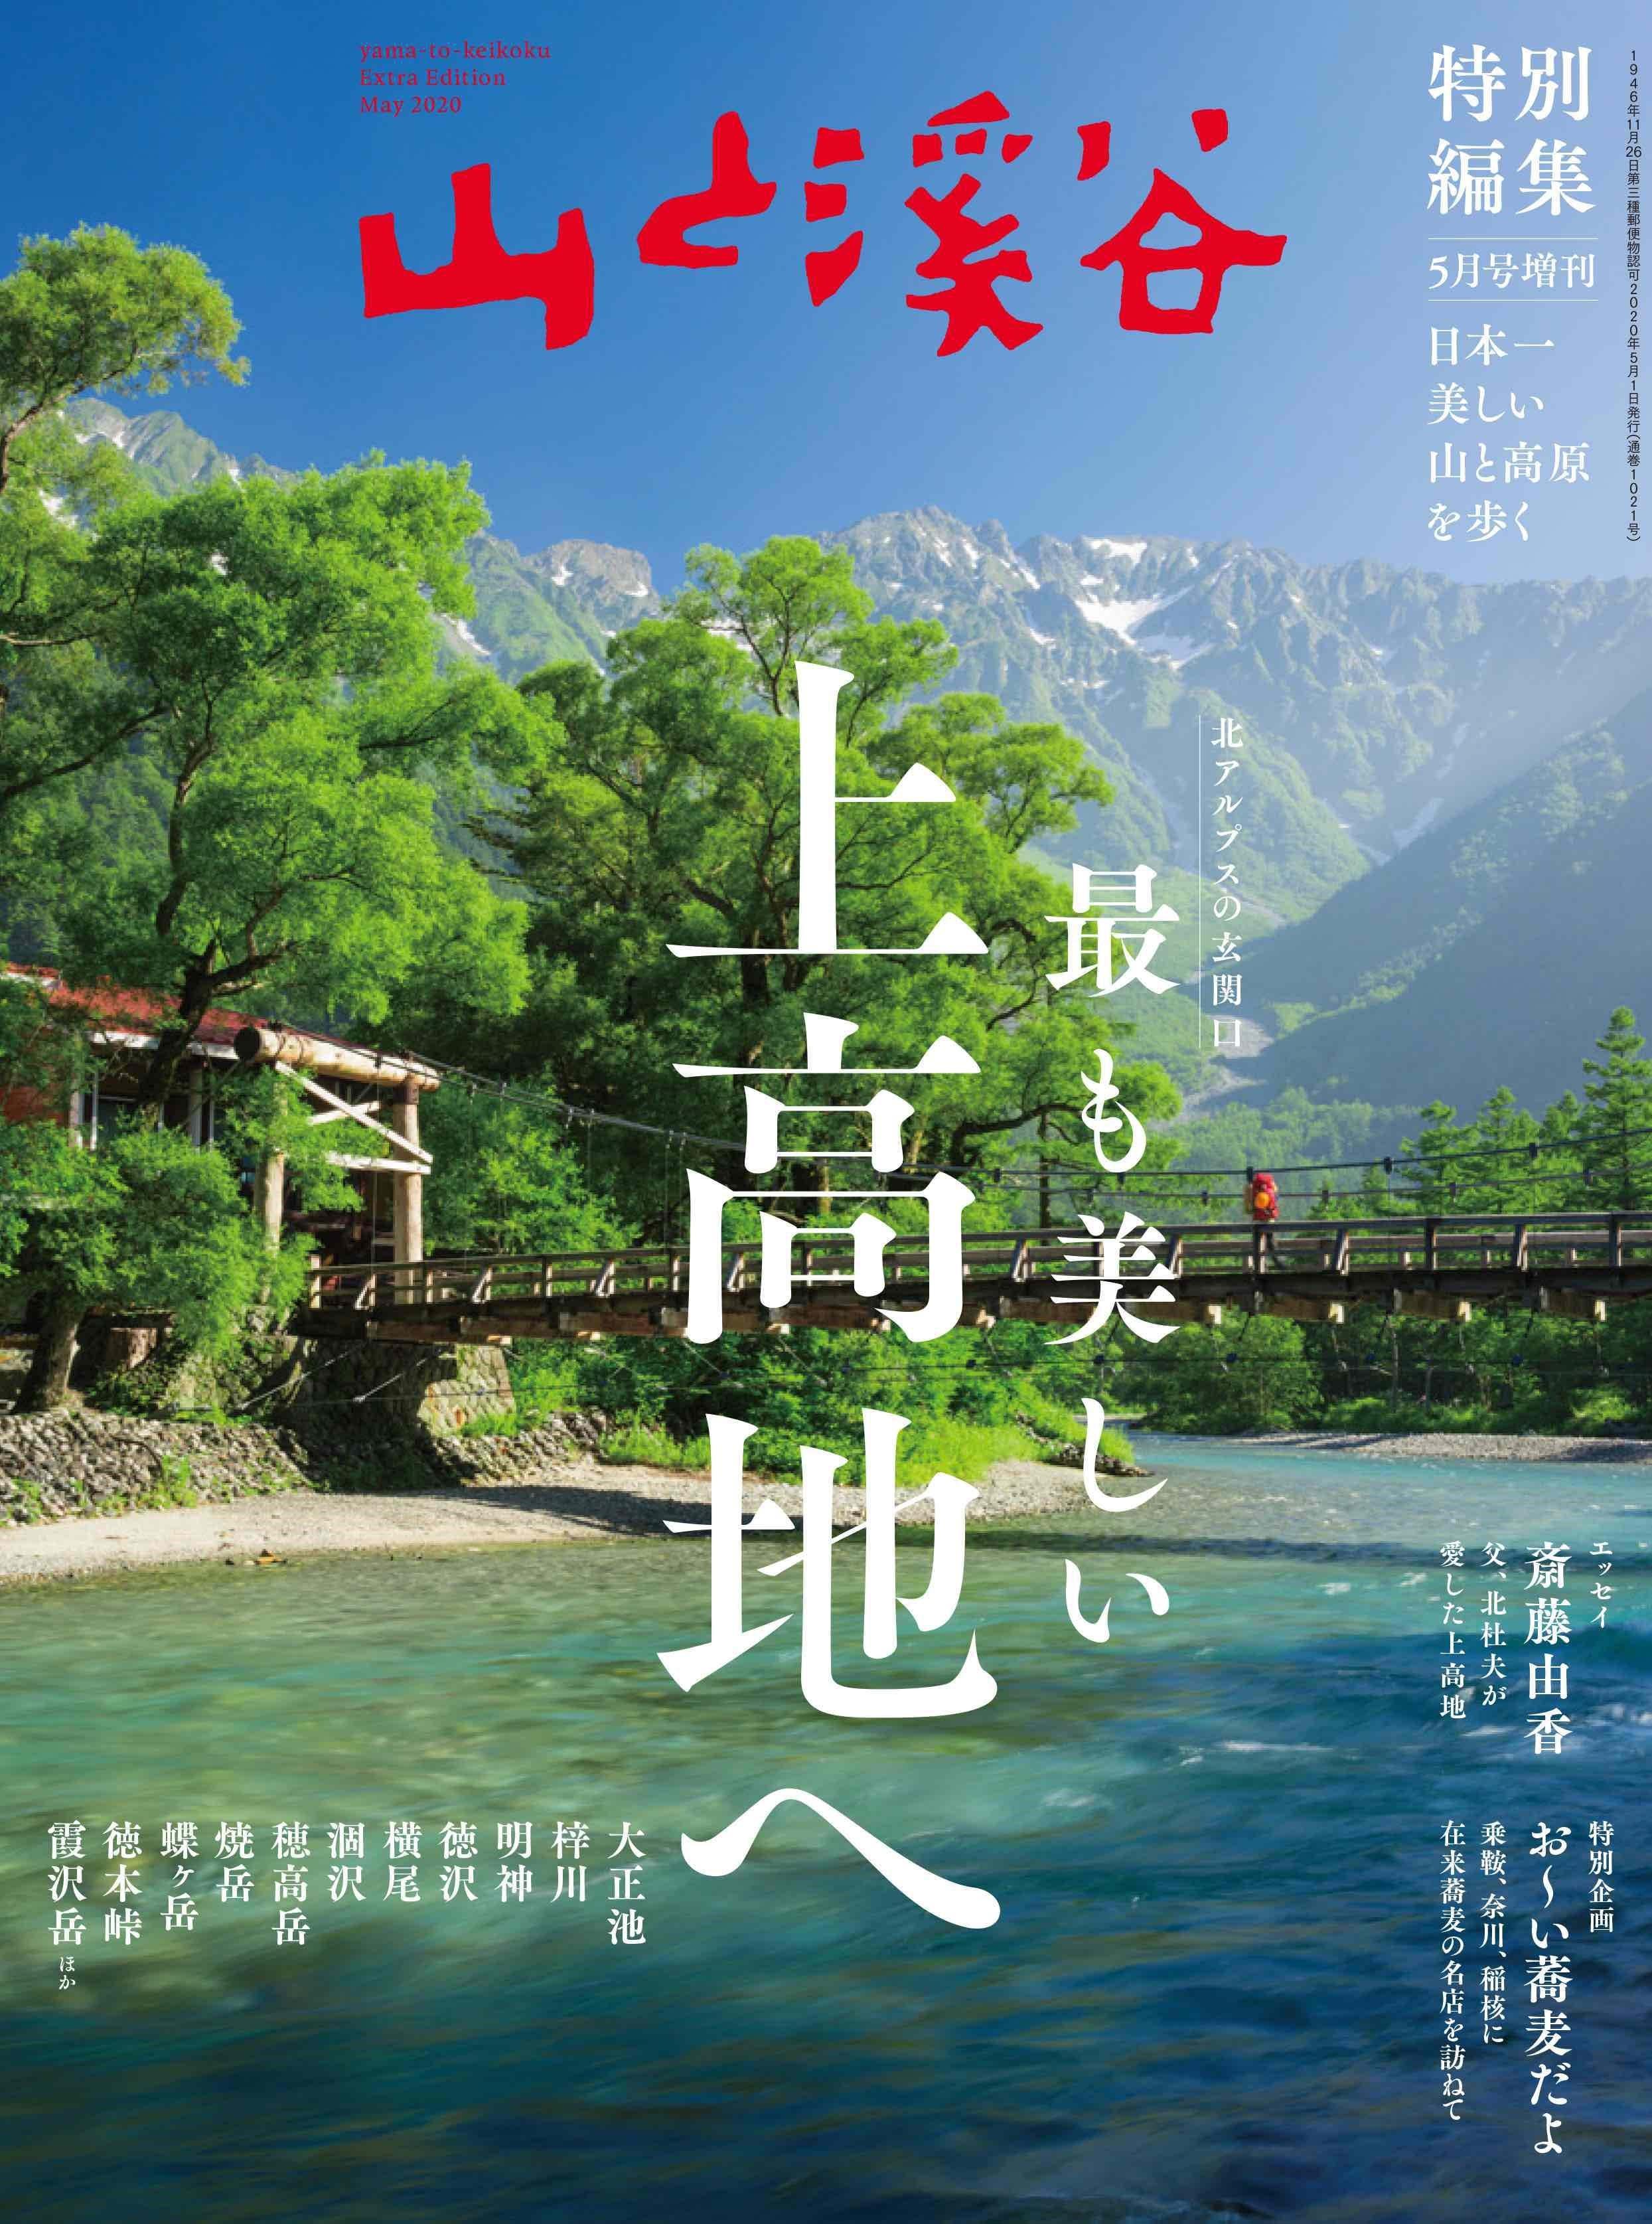 日本一美しい高原の自然にふれ 上高地と穂高周辺の山々へ誘う 山と溪谷 ...